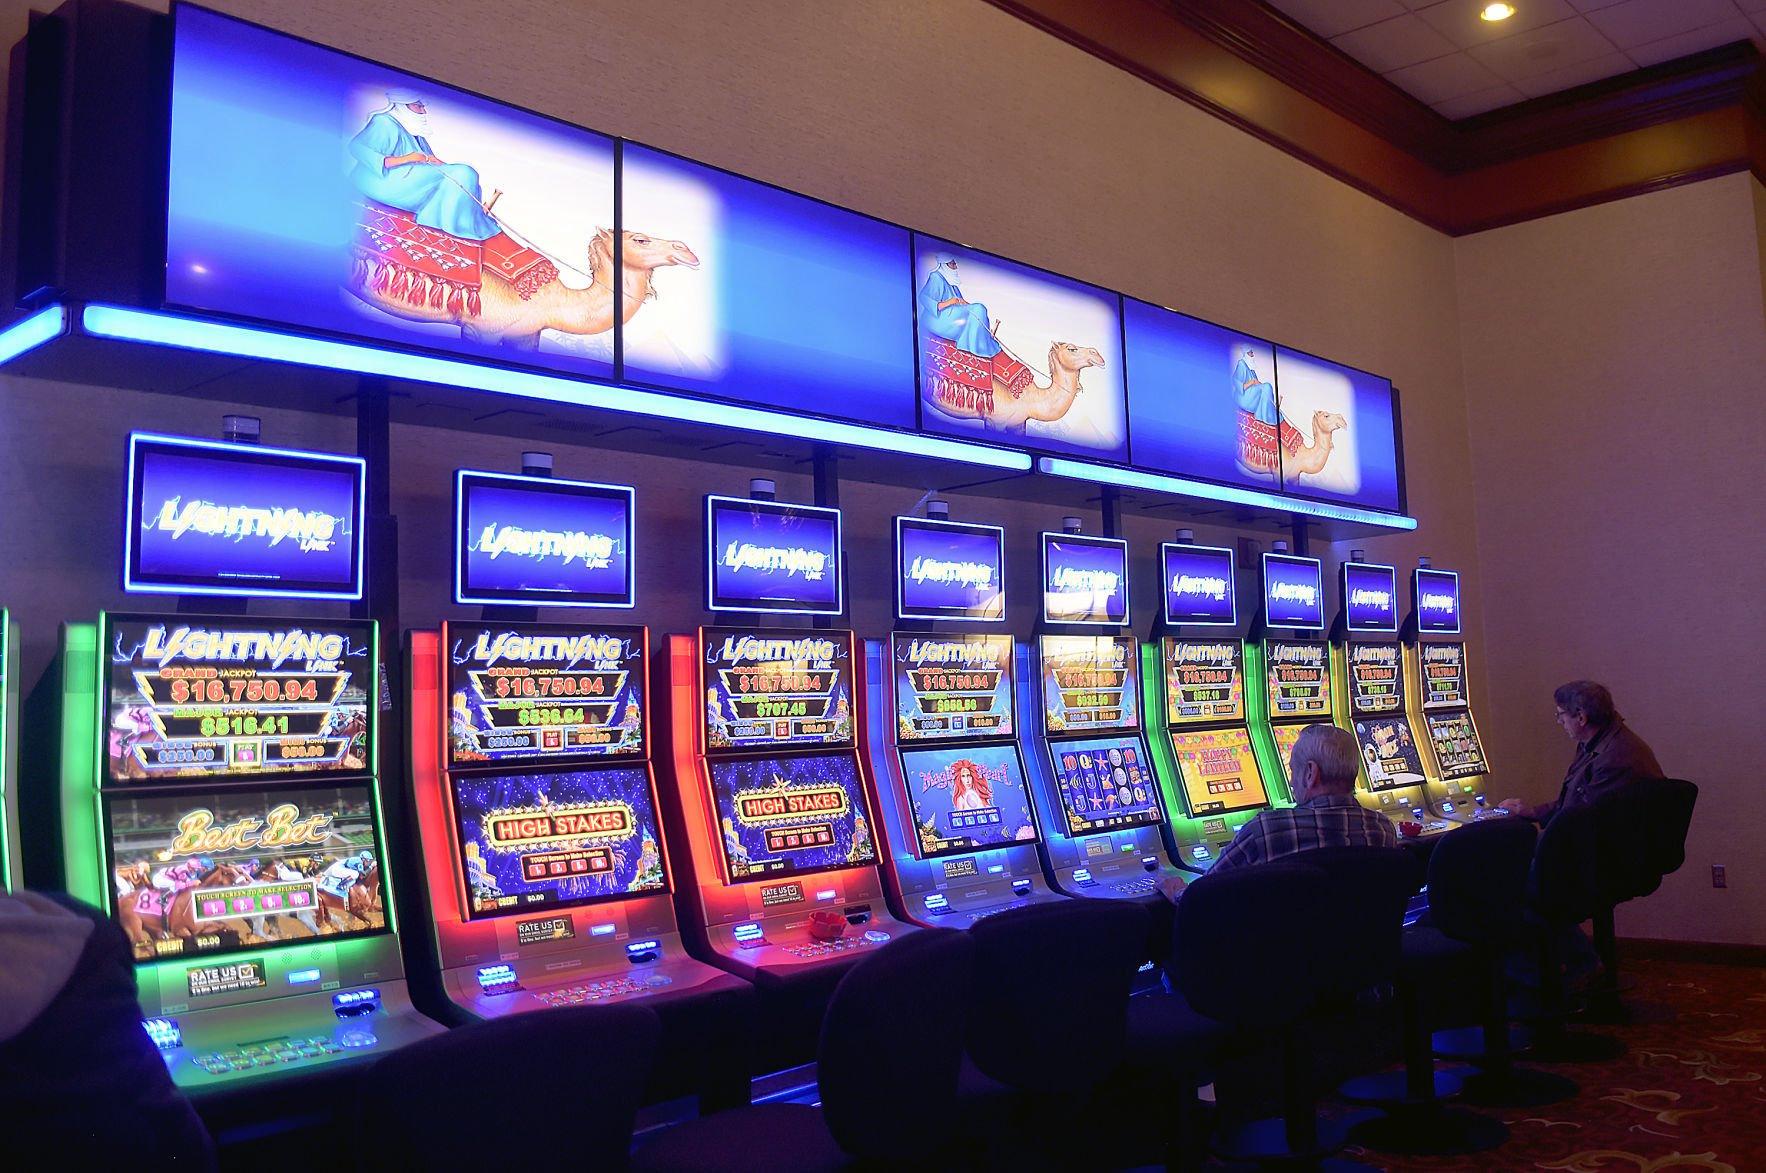 Case casino exclusion patron isleta casino and resort